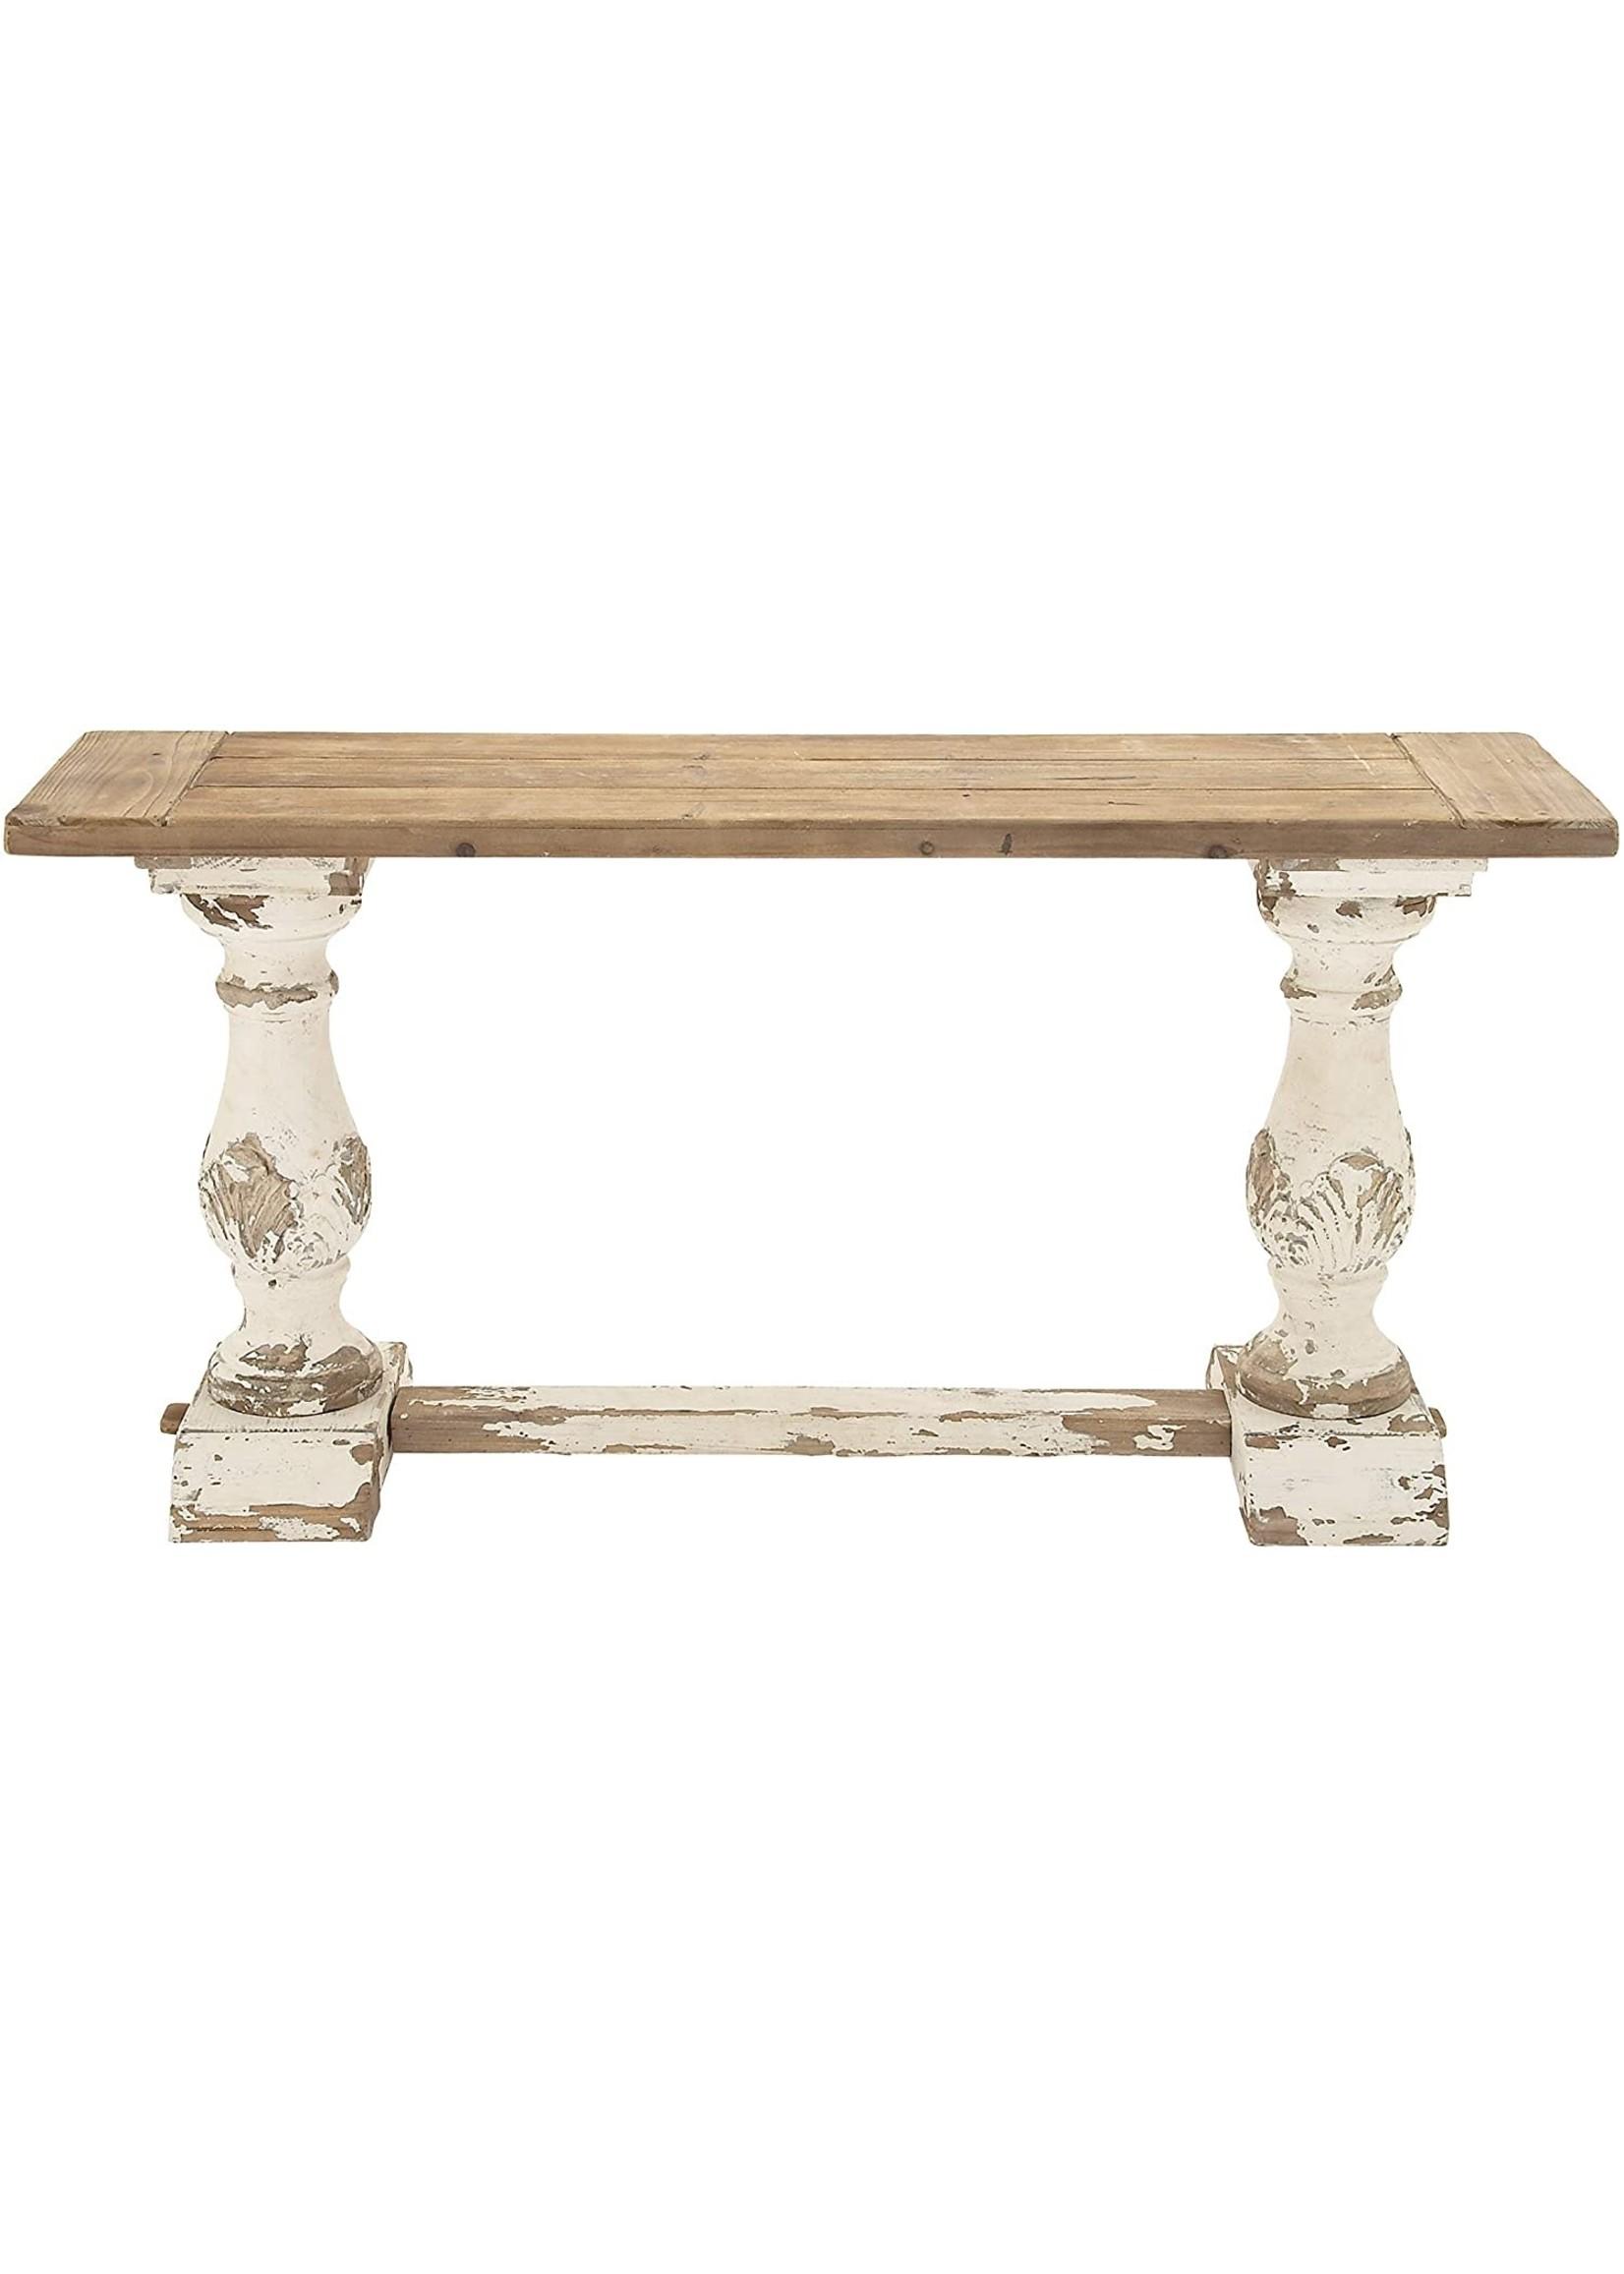 UMA ENT. INC. 14840 WOOD CONSOLE TABLE